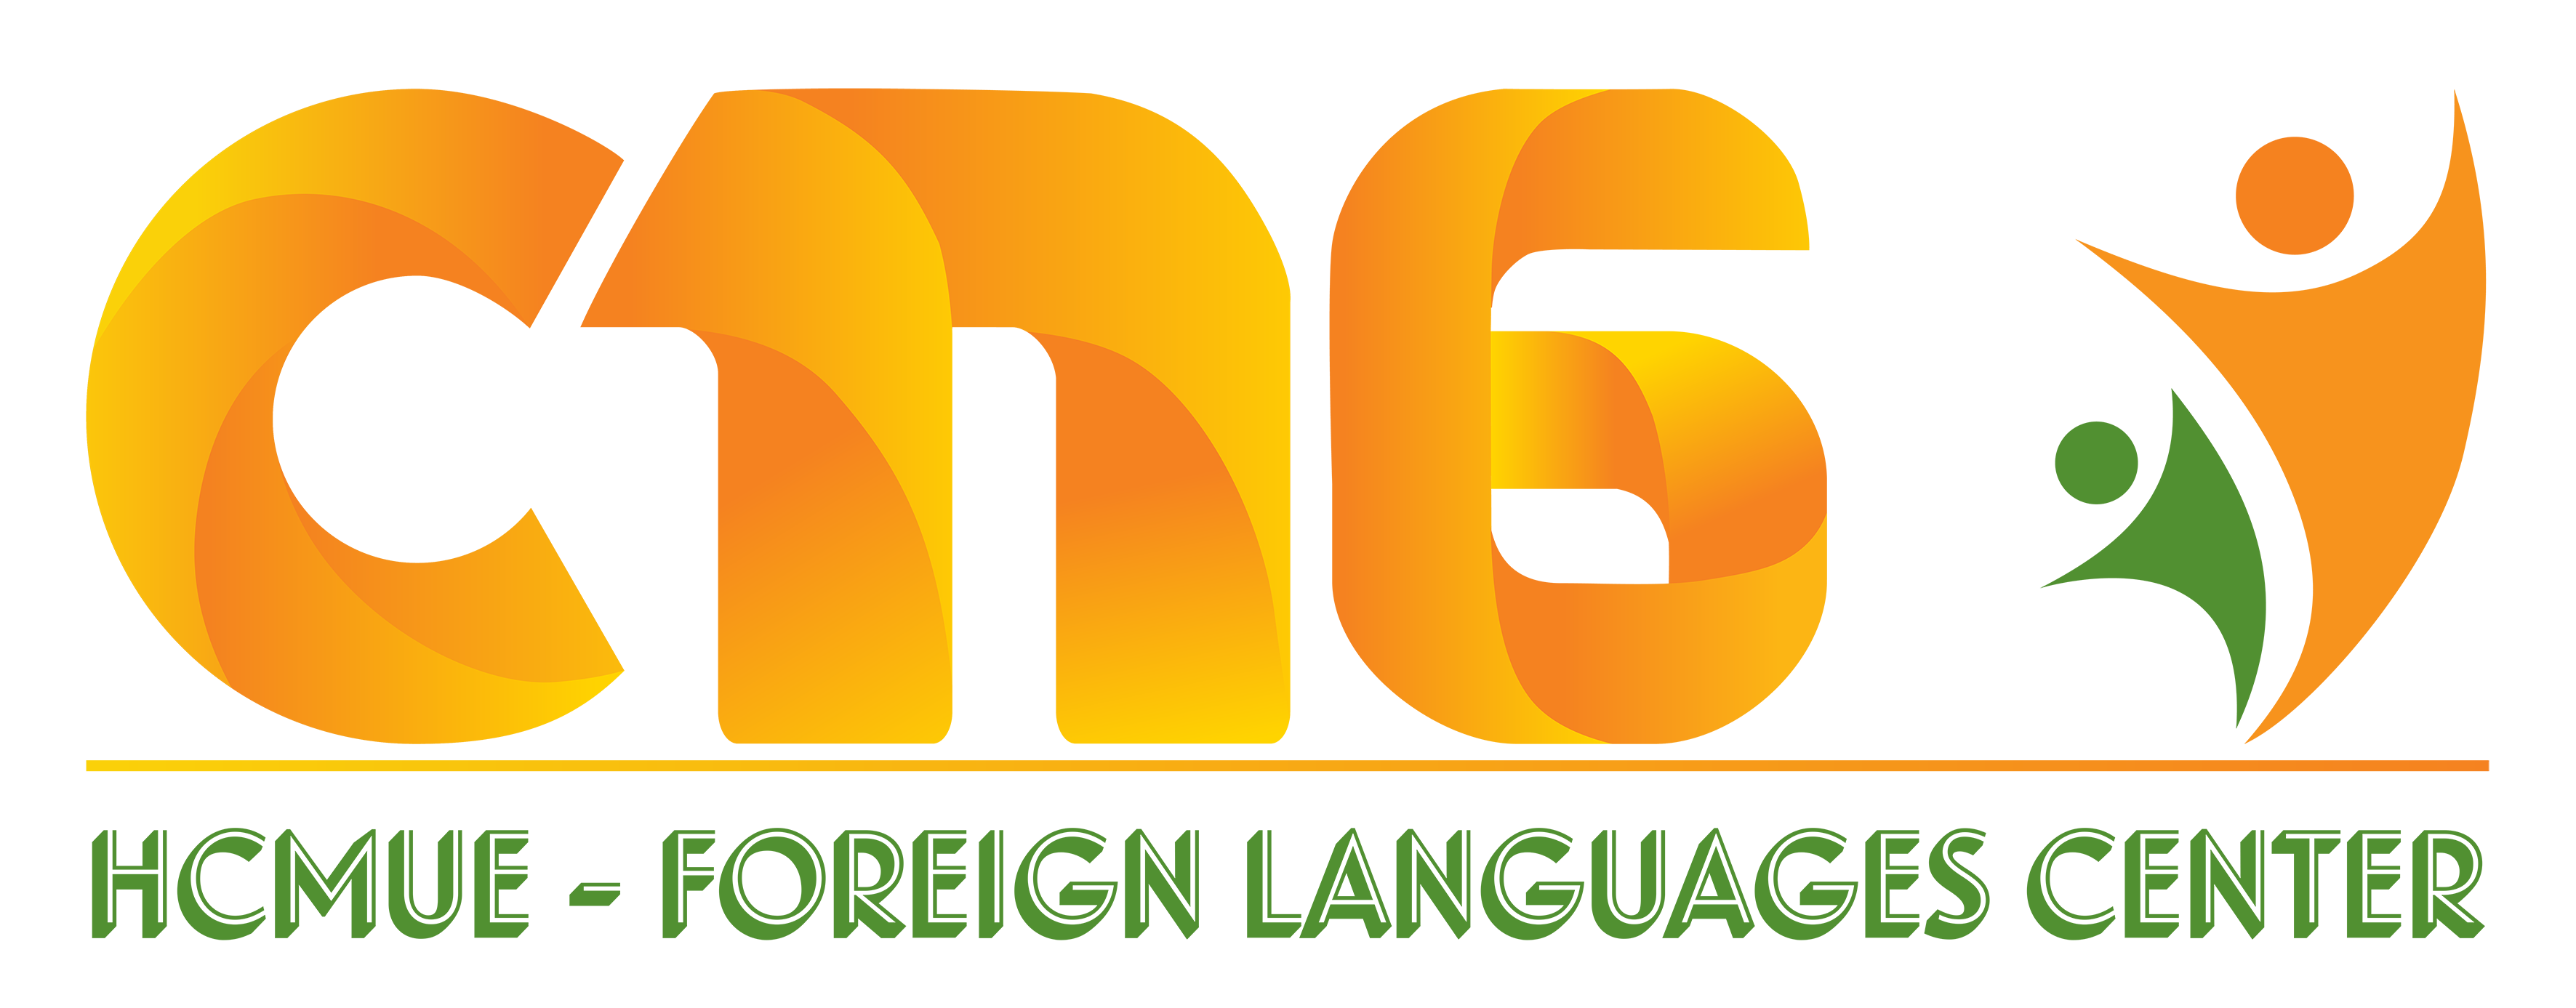 Chi nhánh 6 - Trung tâm Ngoại ngữ trường Đại Học Sư phạm Tp. HCM